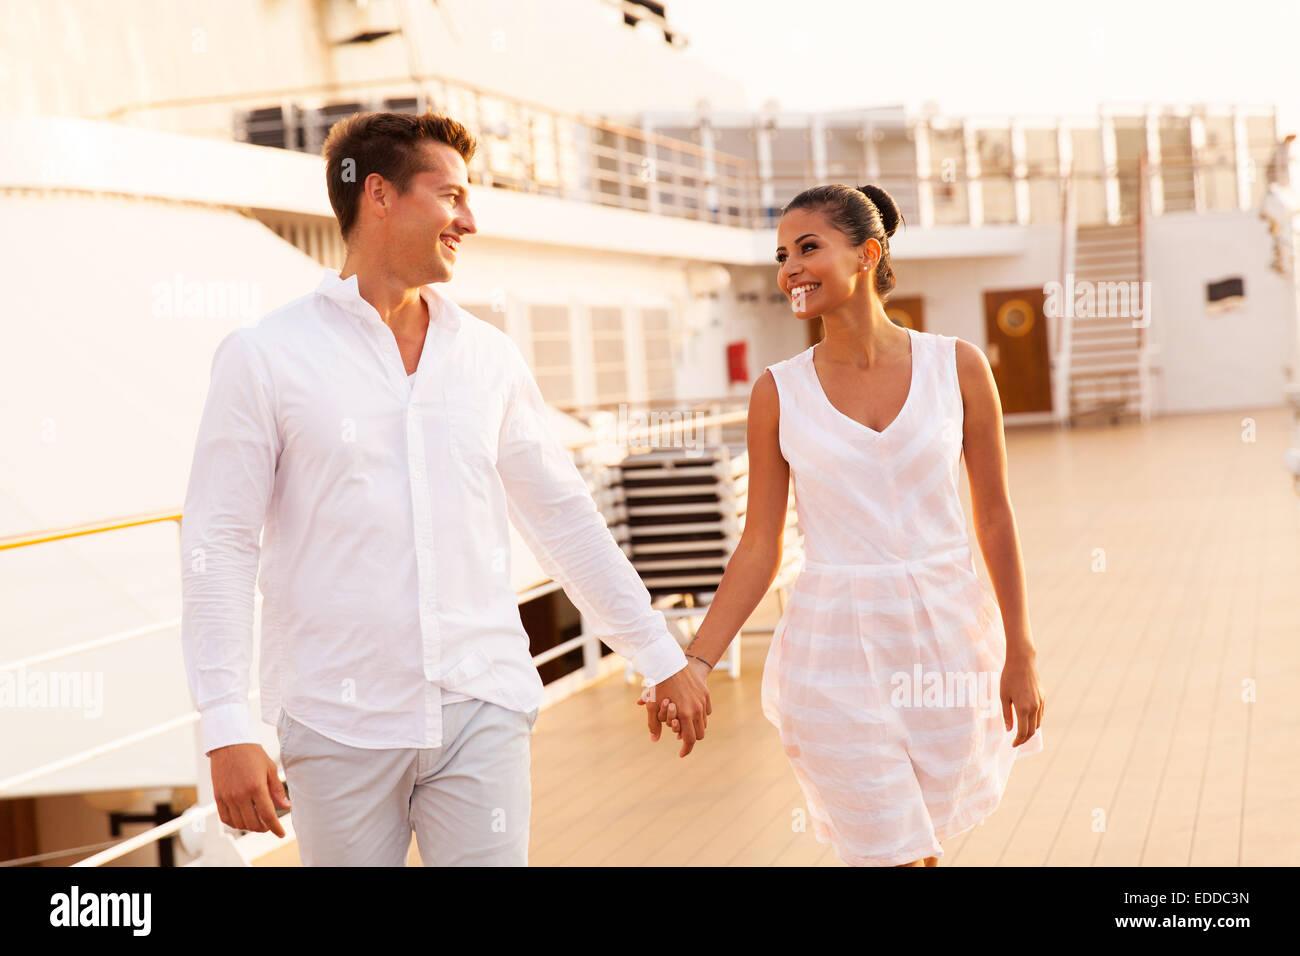 fröhliches junges Paar zu Fuß auf Kreuzfahrtschiff Stockbild